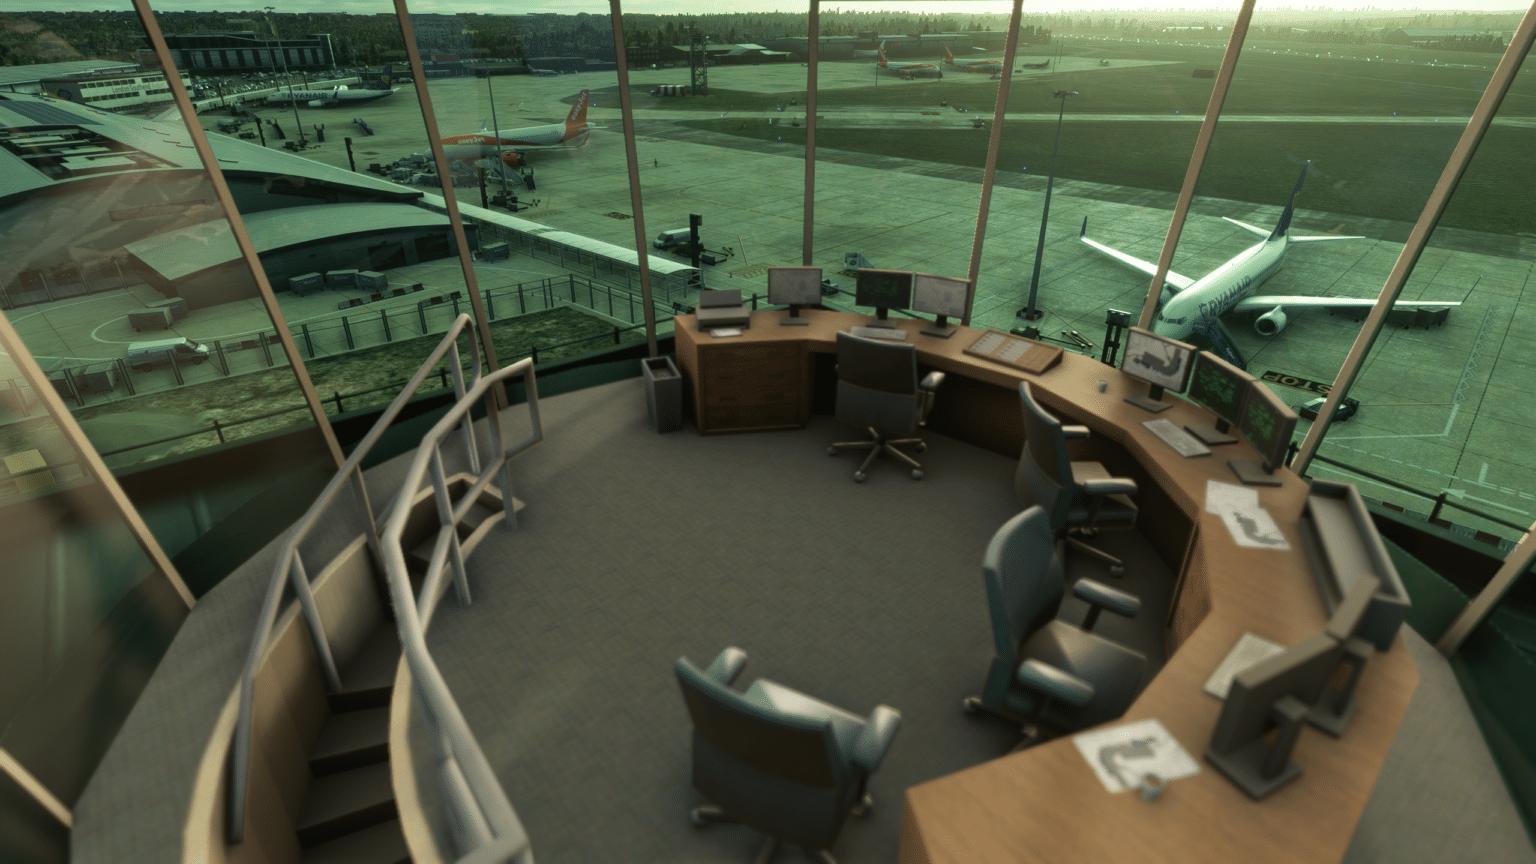 PilotPlus_Orbx_Southend (19)